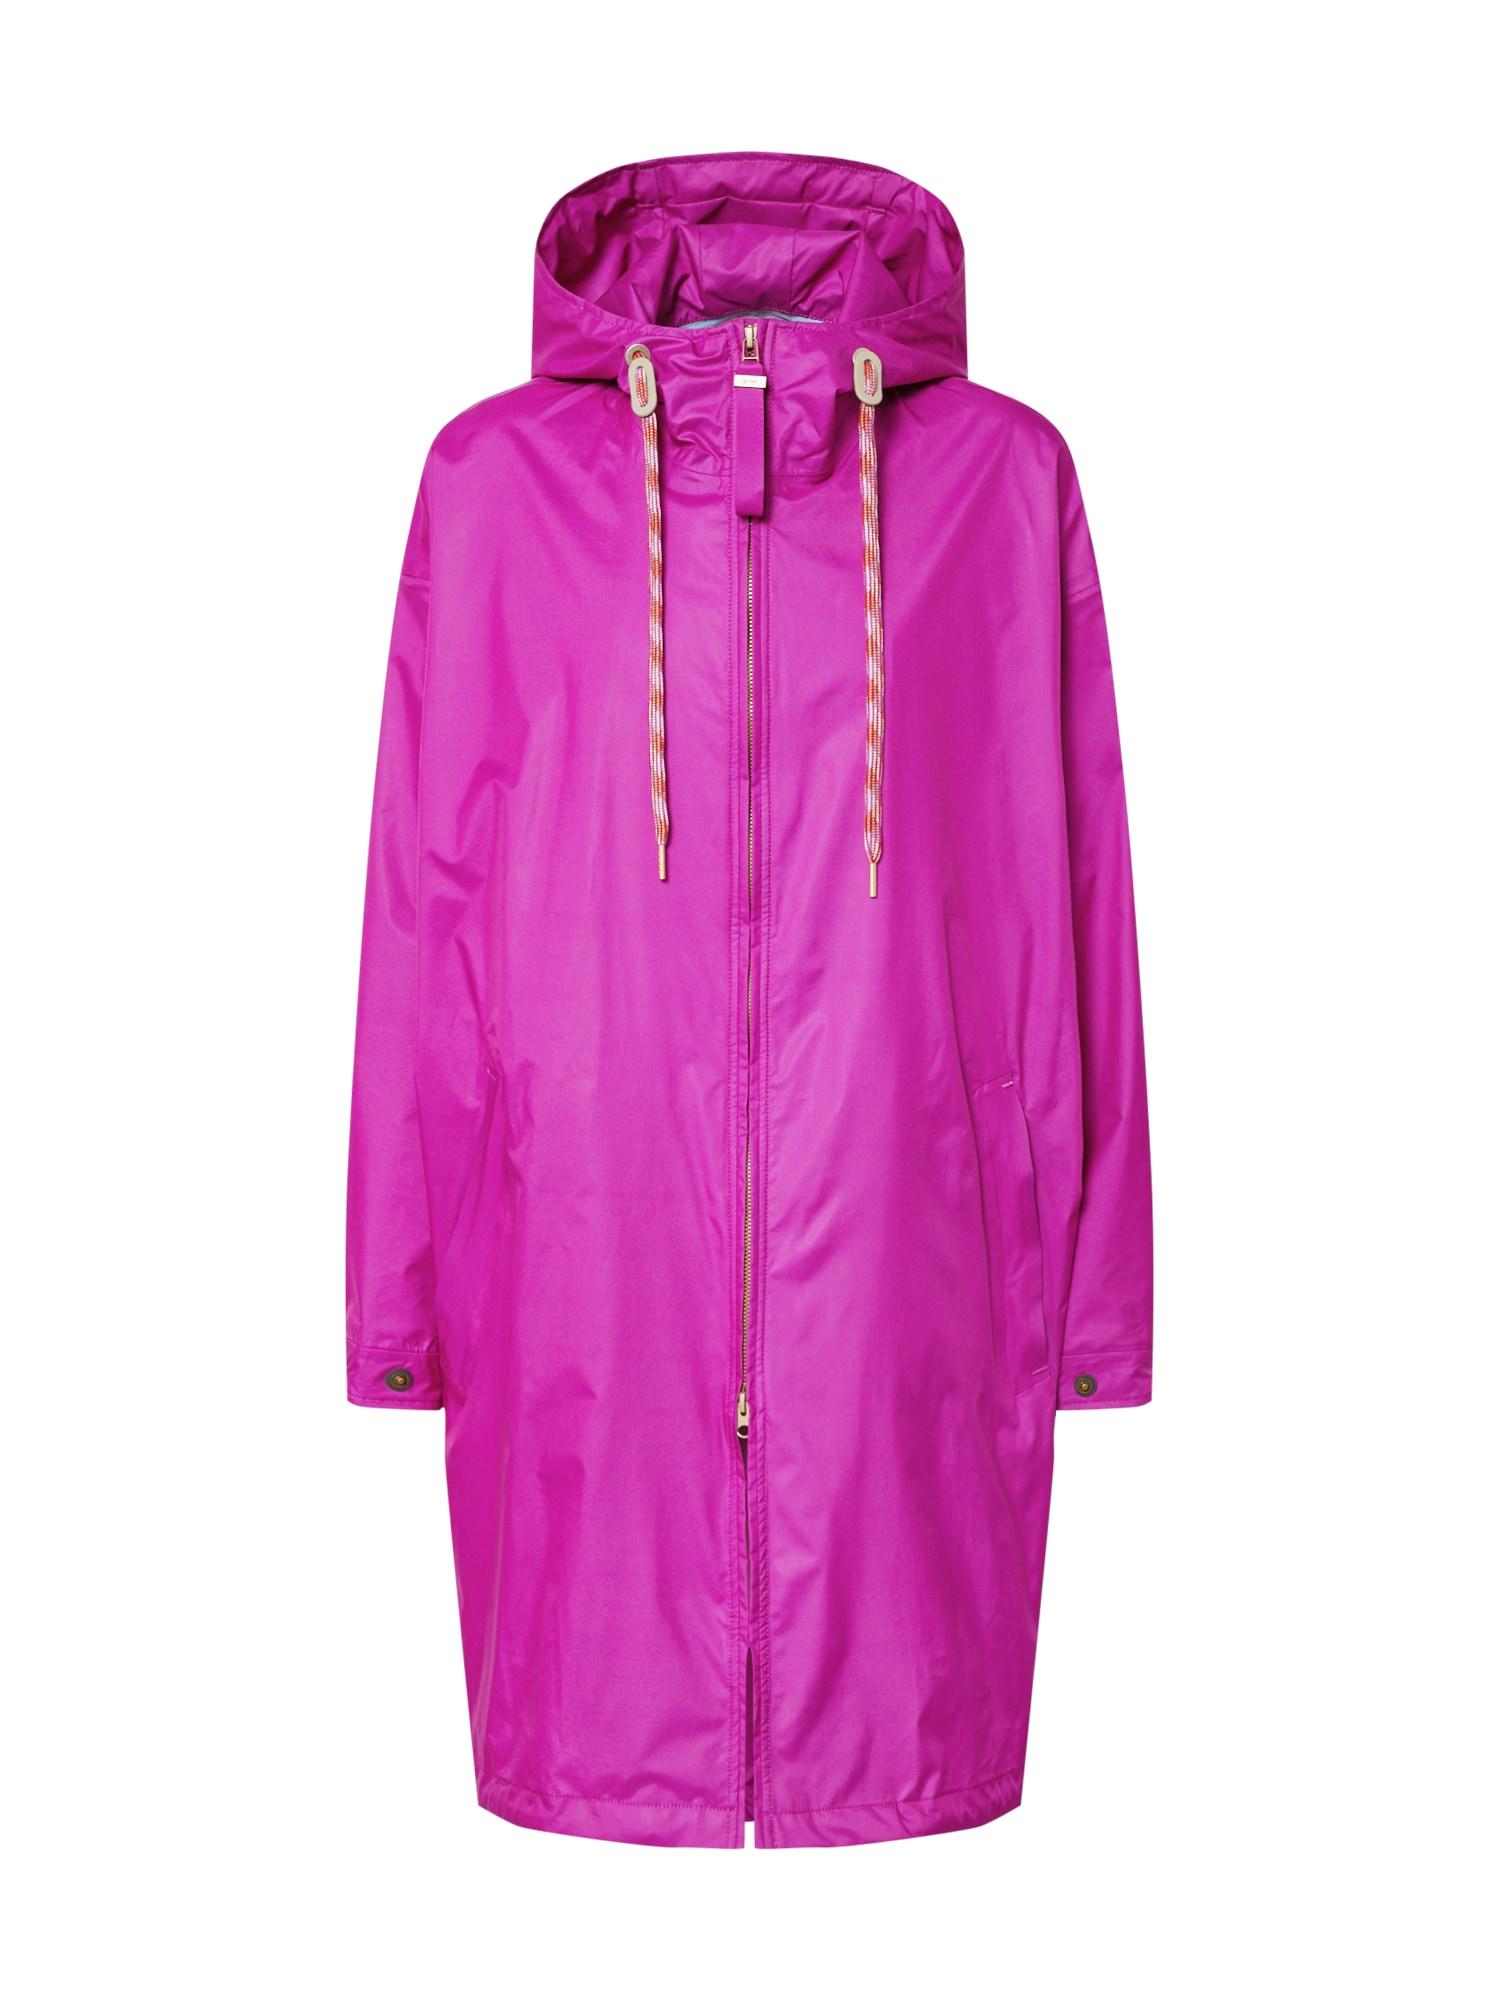 g-lab Rudeninis-žieminis paltas 'SONAR' rožinė